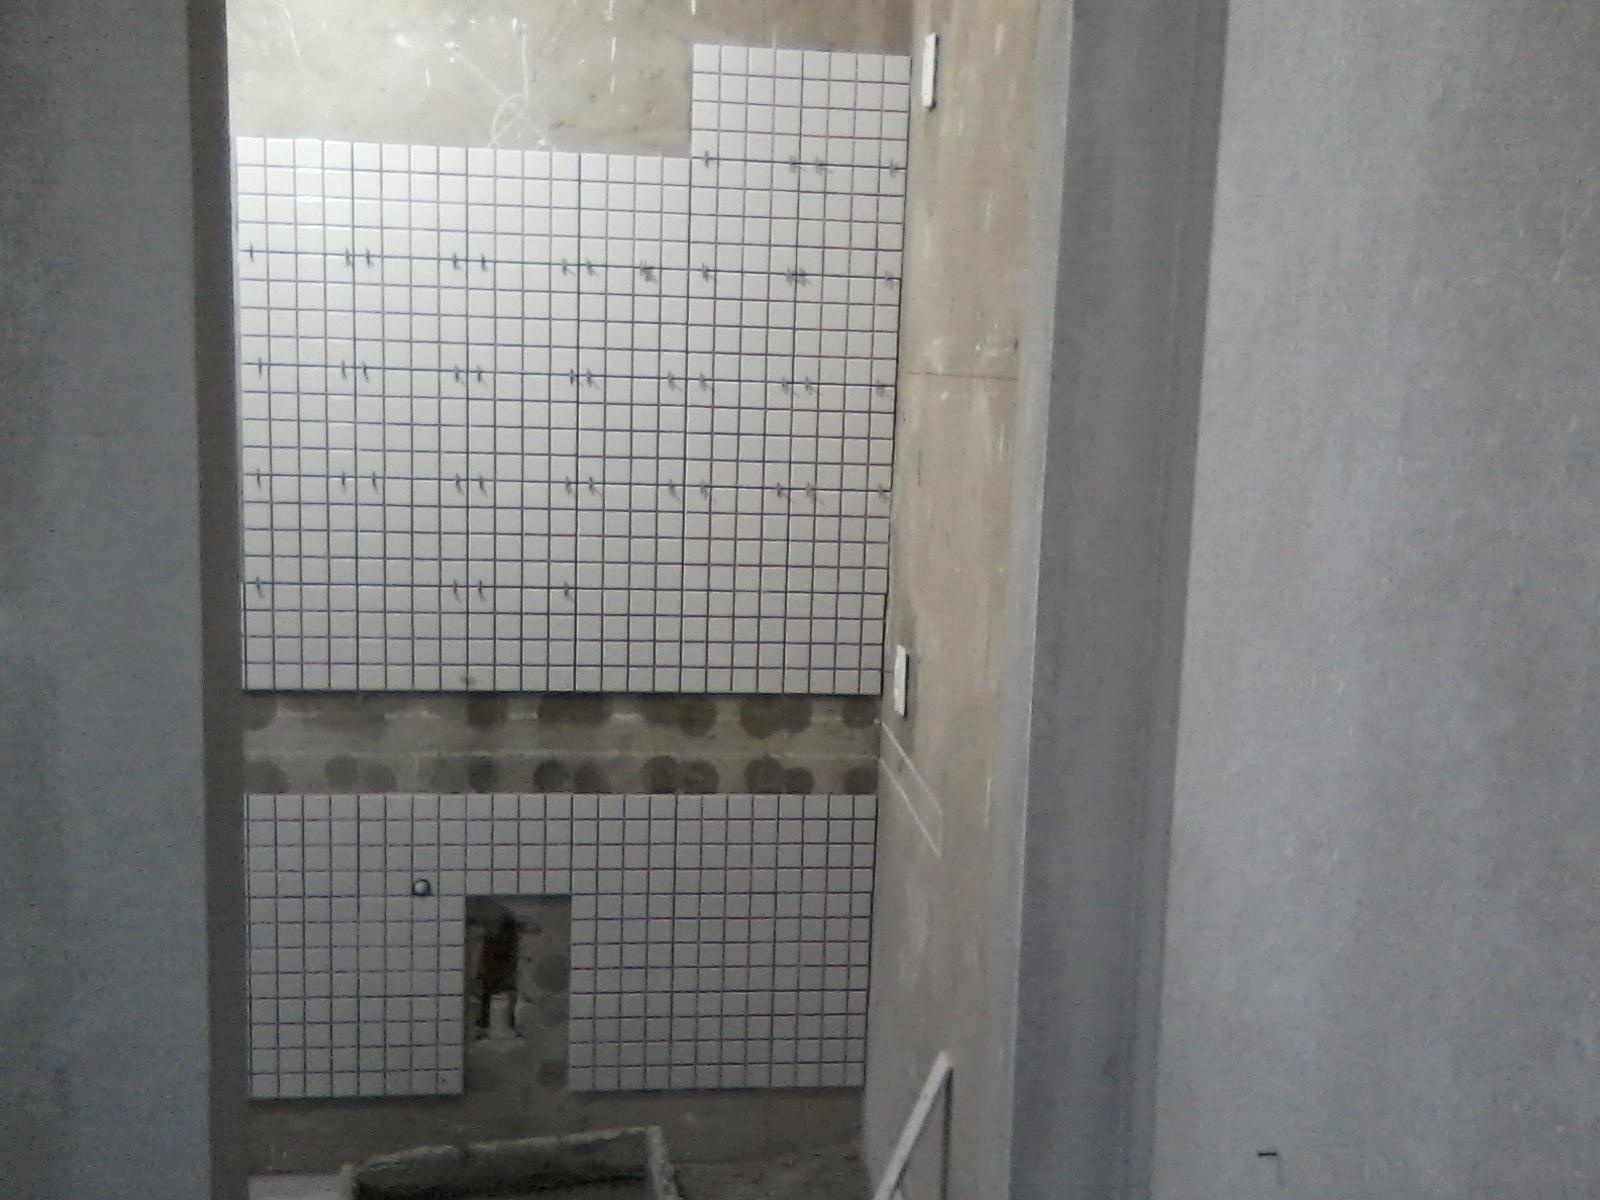 qualificado: inicio de revestimento de paredes do banheiro #6F695C 1600 1200